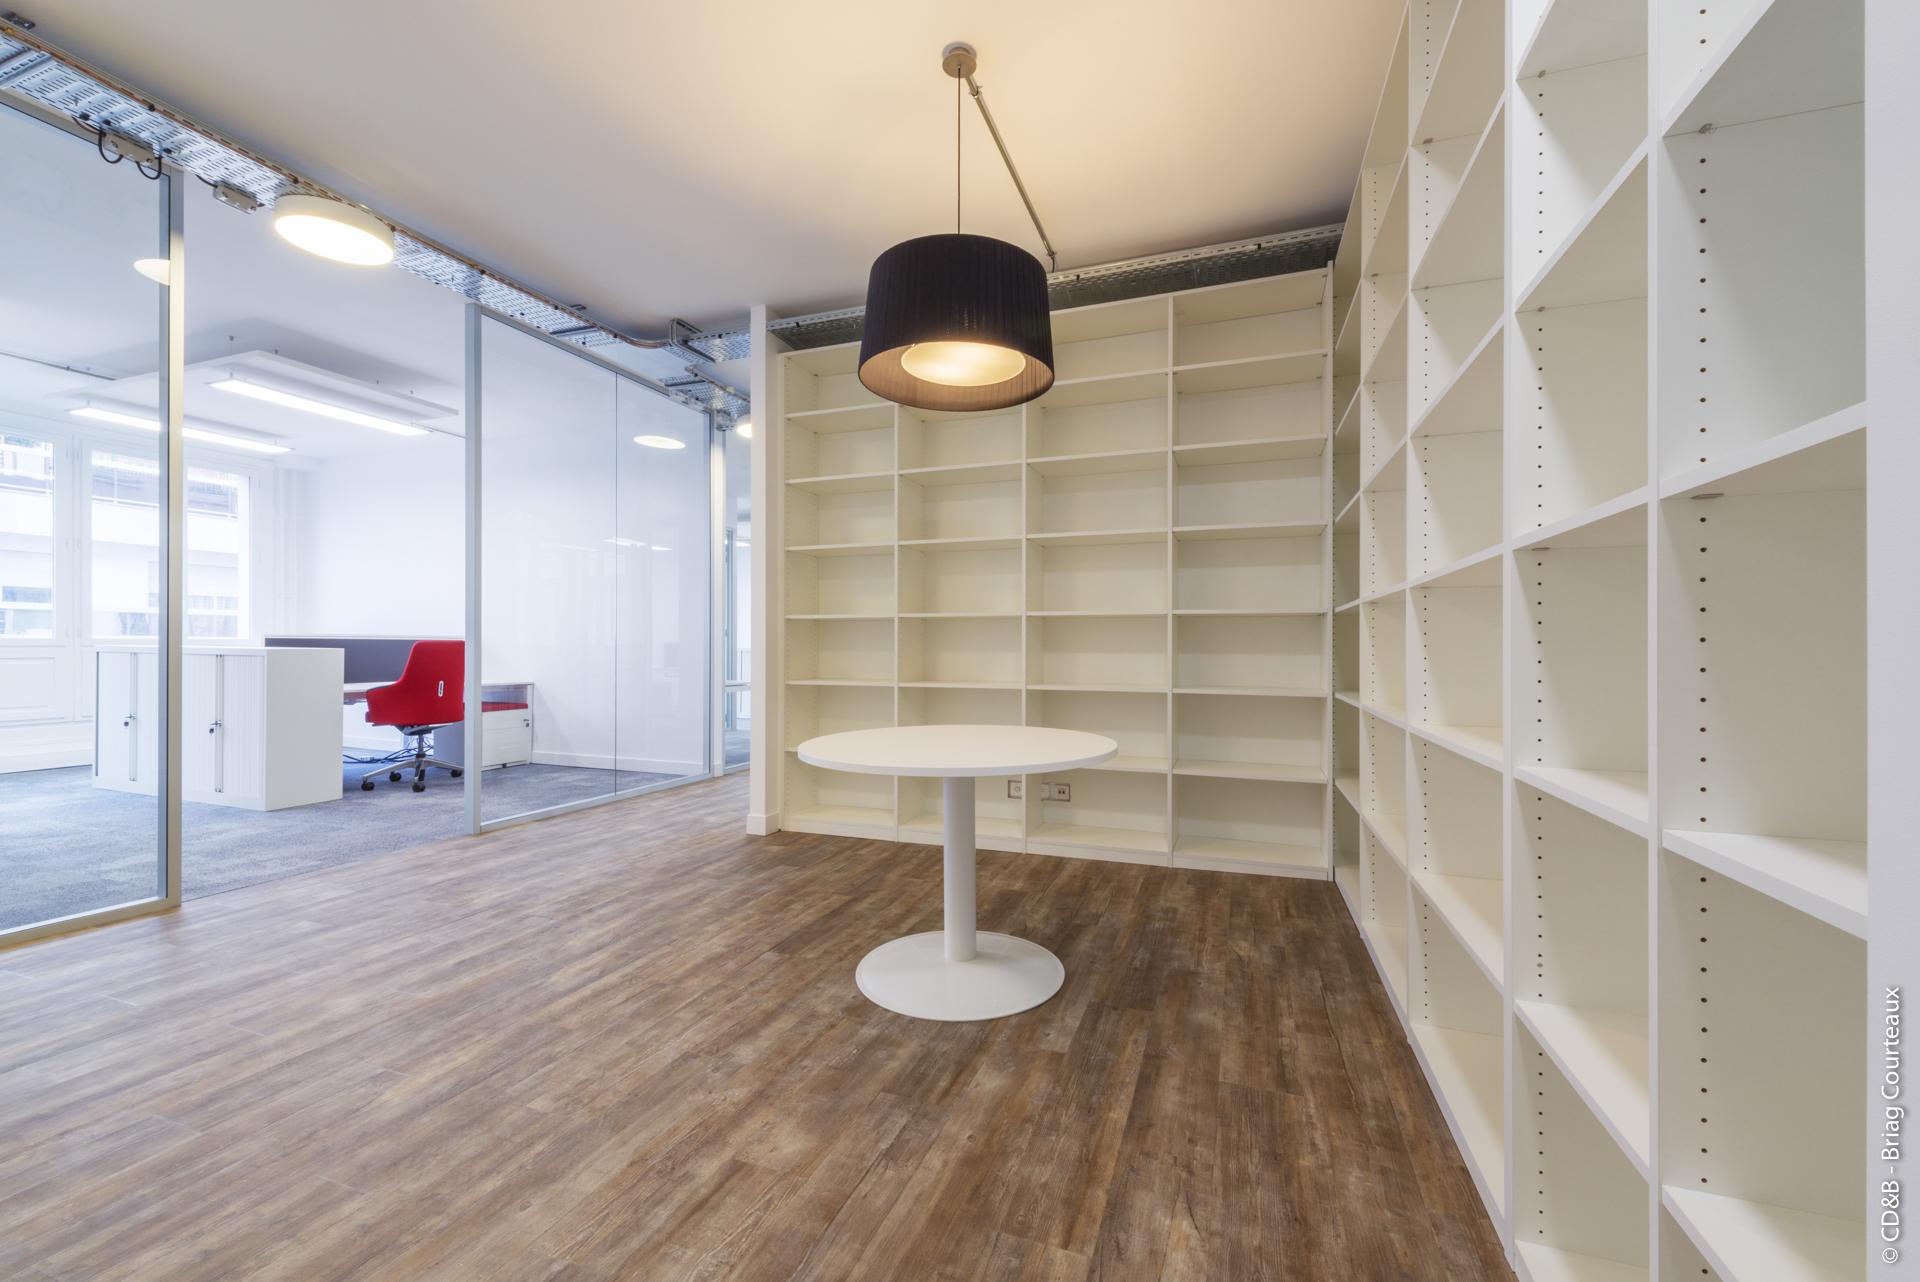 Conseil, aménagement, conception et réalisation des espaces de travail chez Batigère par CDB, Meet you there.